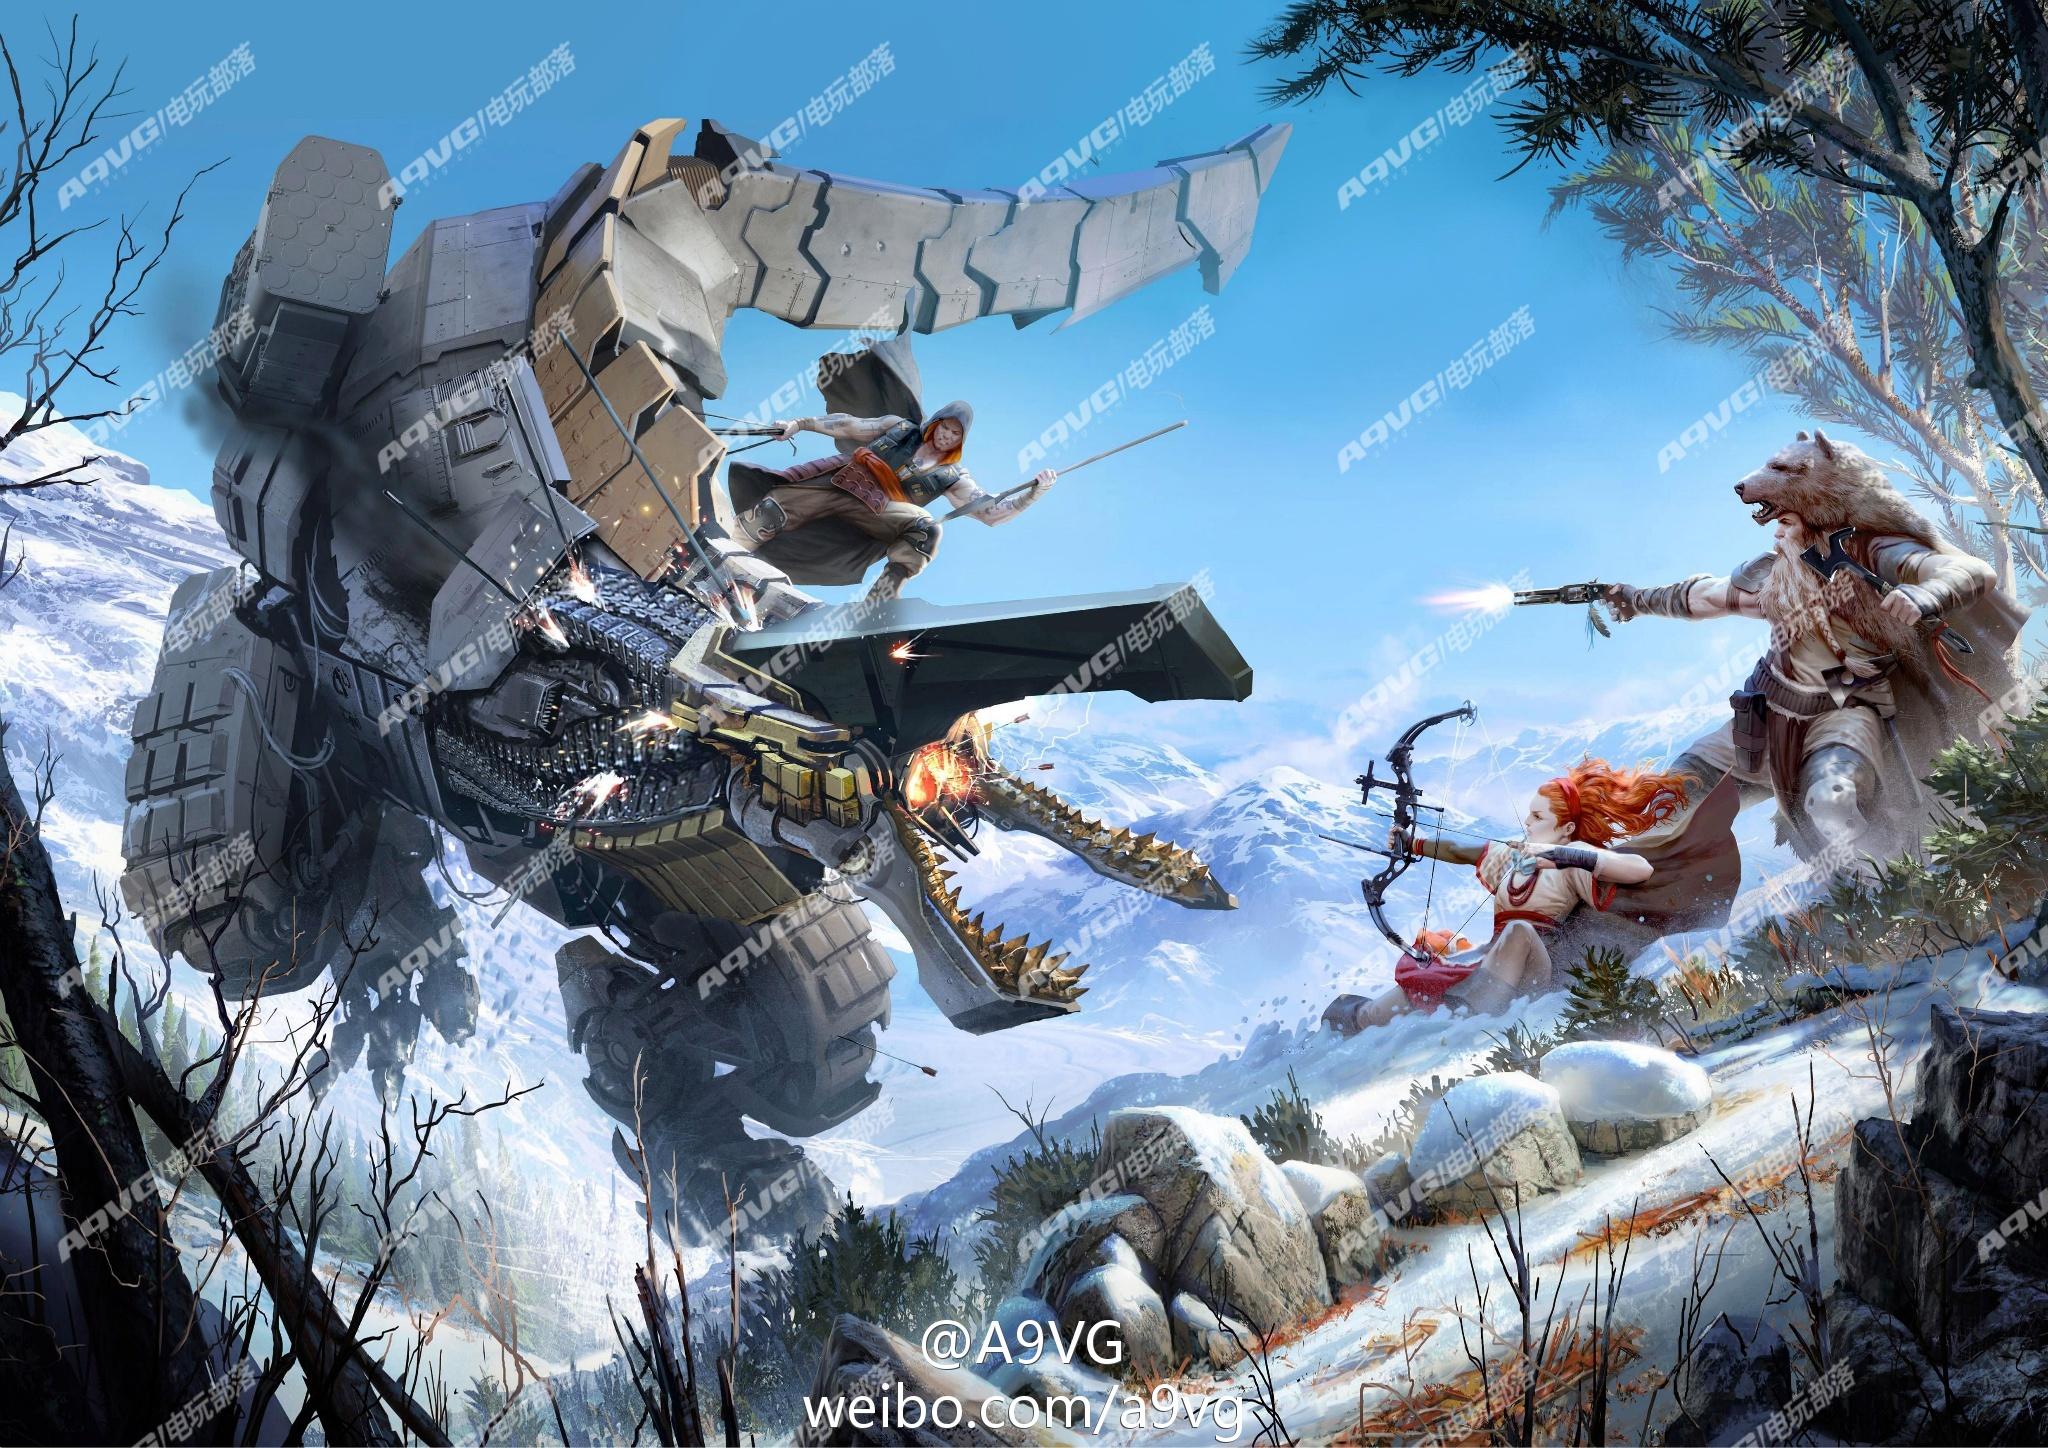 Nová hra od tvůrců Killzone ponese název Horizon 100600